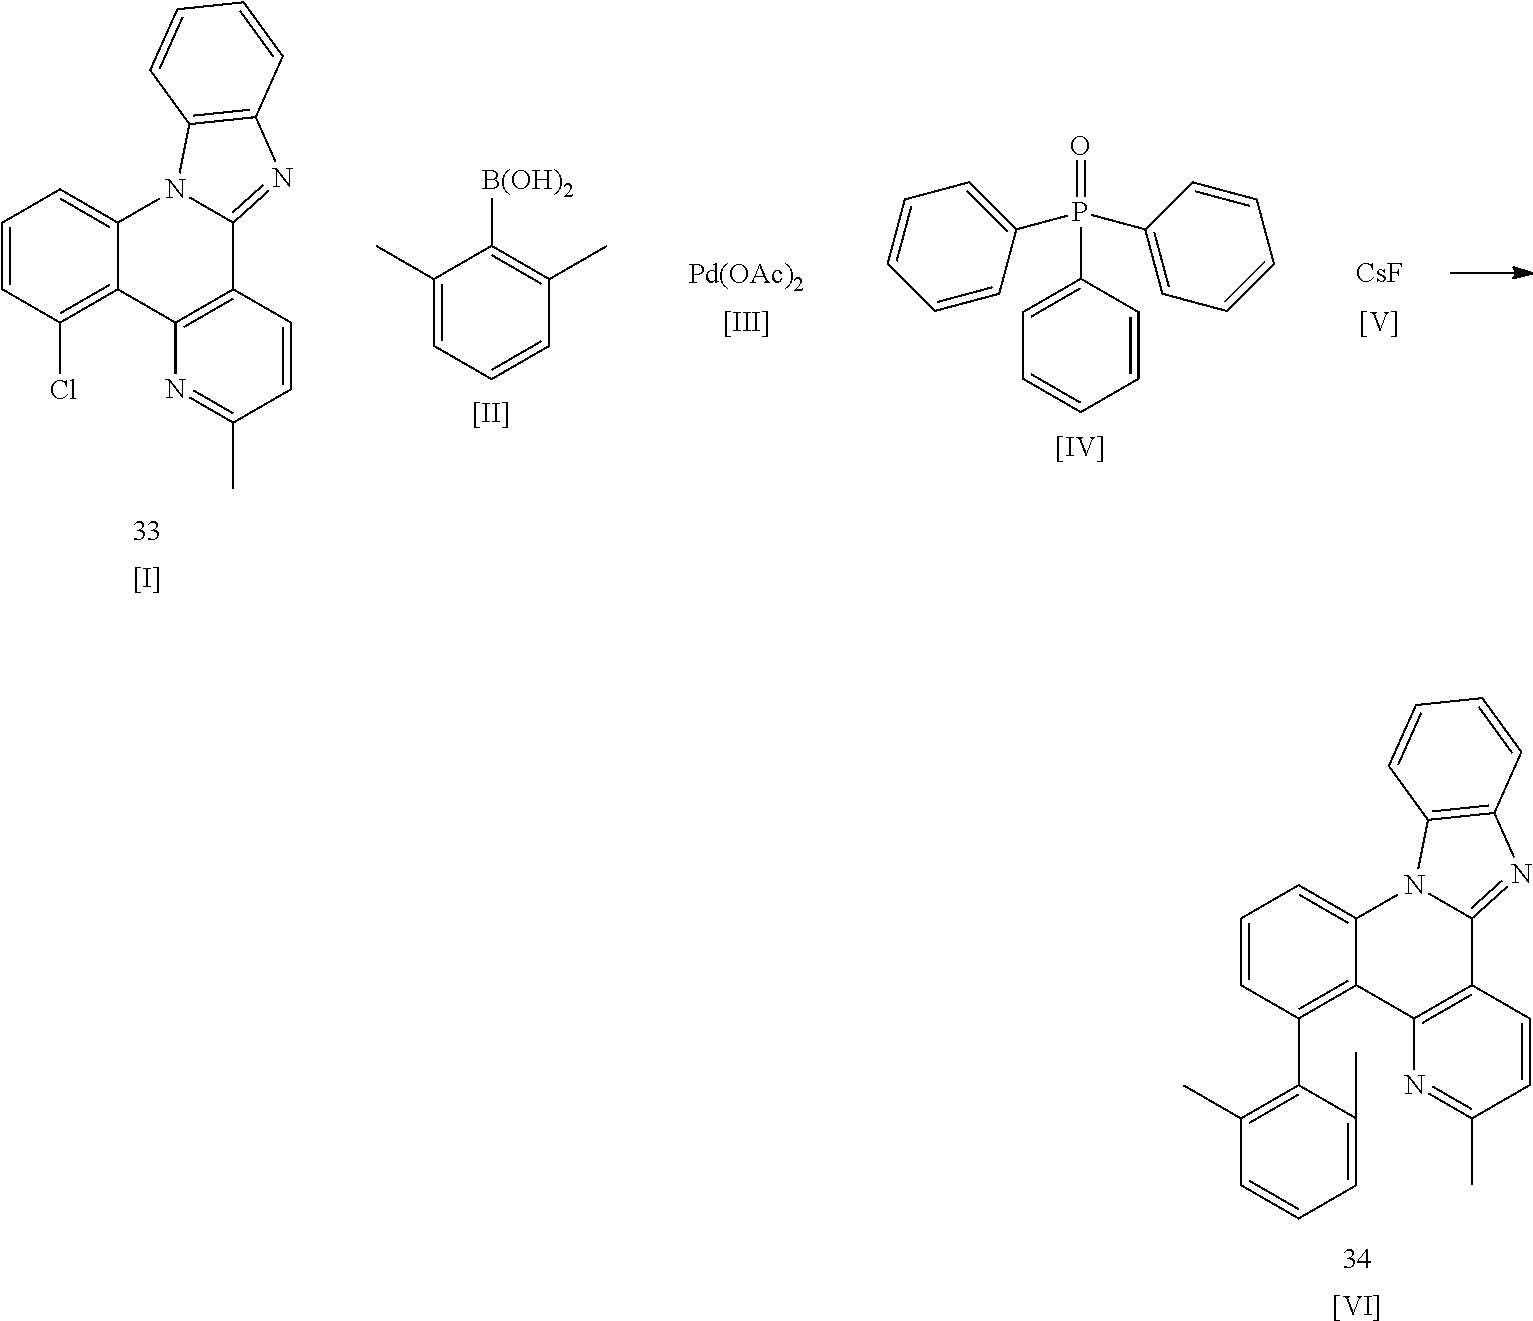 Figure US09905785-20180227-C00410